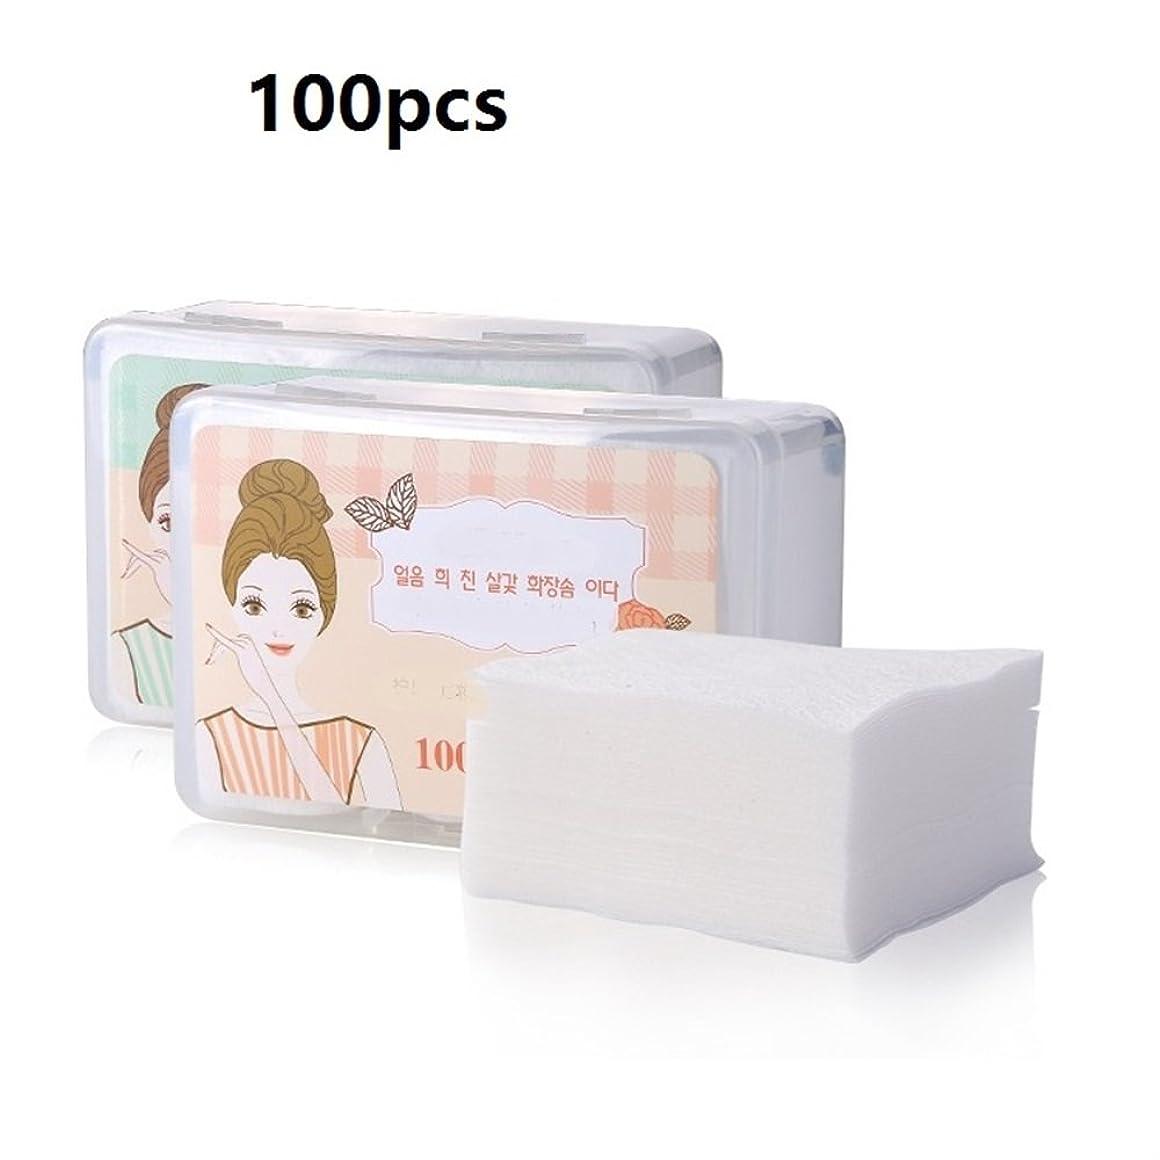 ブラストフェリーカブAorunji 柔らかい ソフトコスメティックコットンパッド高品質のネイルワイプフェイシャルメイクリムーバクリーニングコットン(Appr.100pcs)